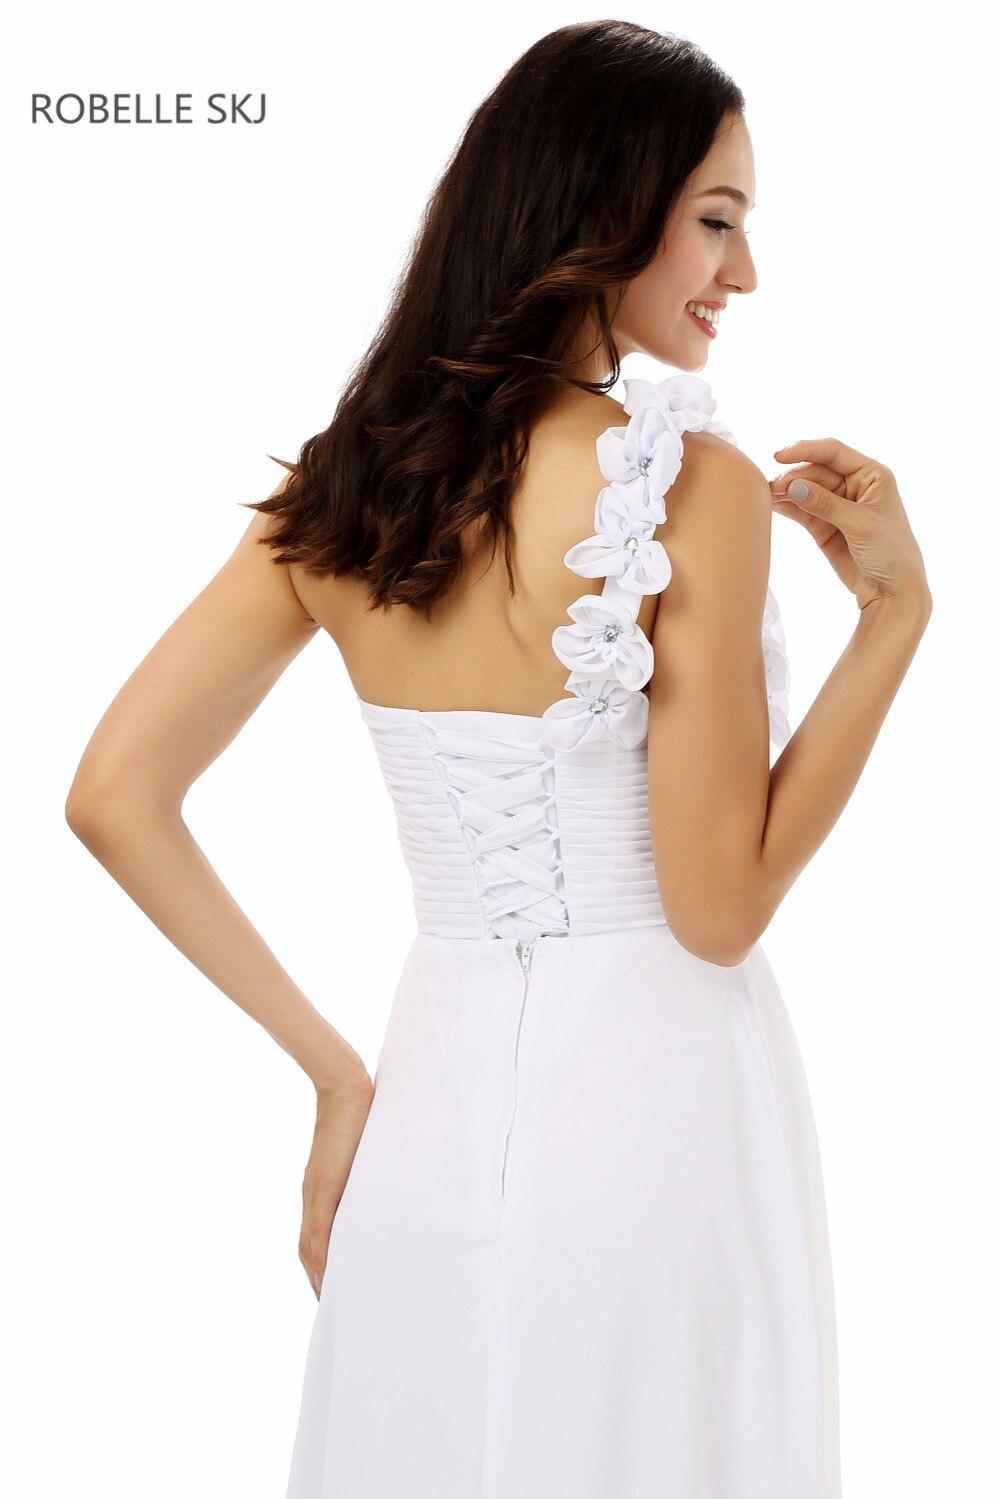 Beste Brautkleider Unter 100 Dollar Ideen - Brautkleider Ideen ...